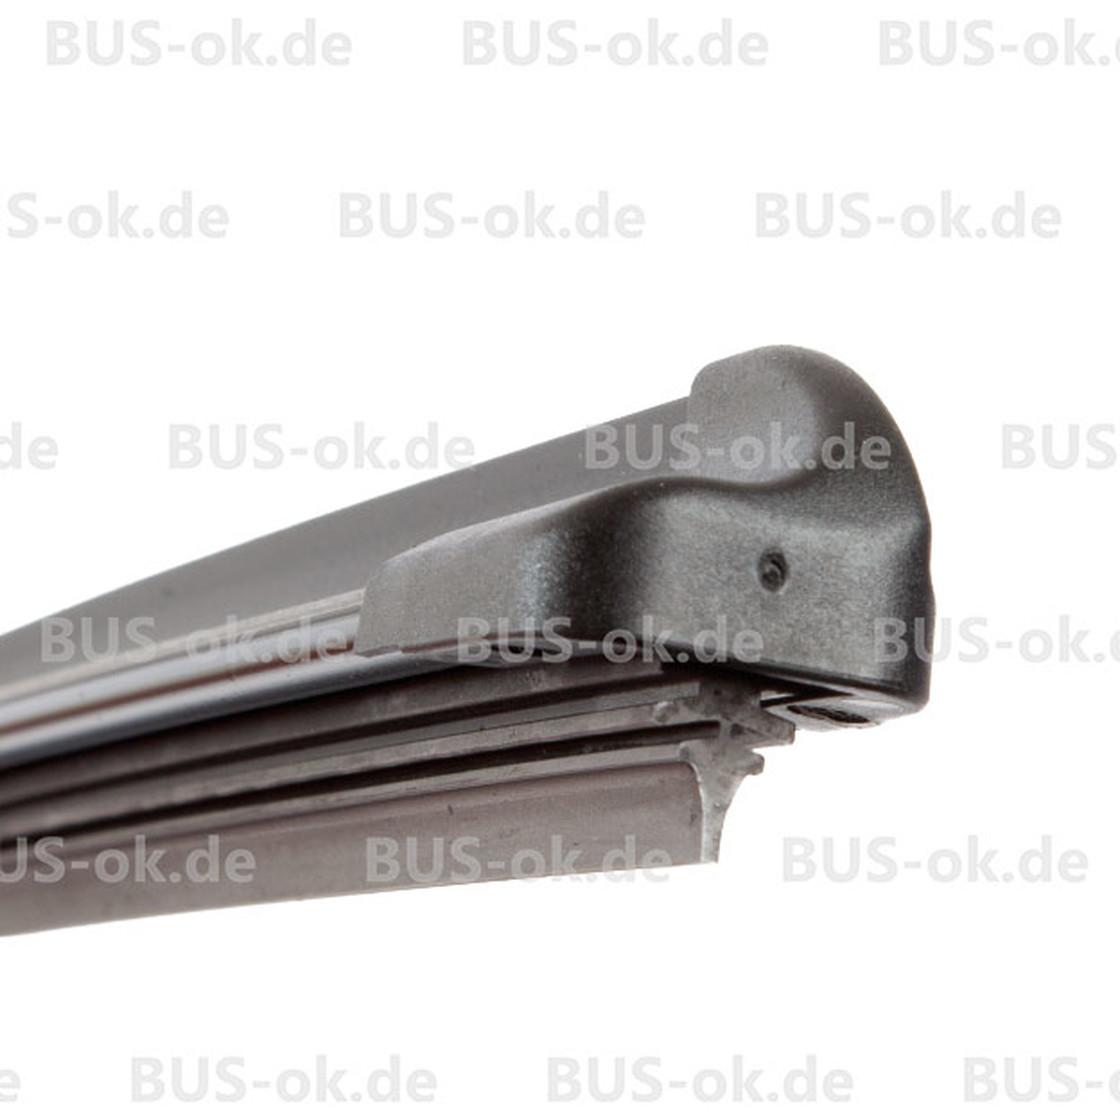 t5 aero twin bosch scheibenwischer bus 46 80. Black Bedroom Furniture Sets. Home Design Ideas